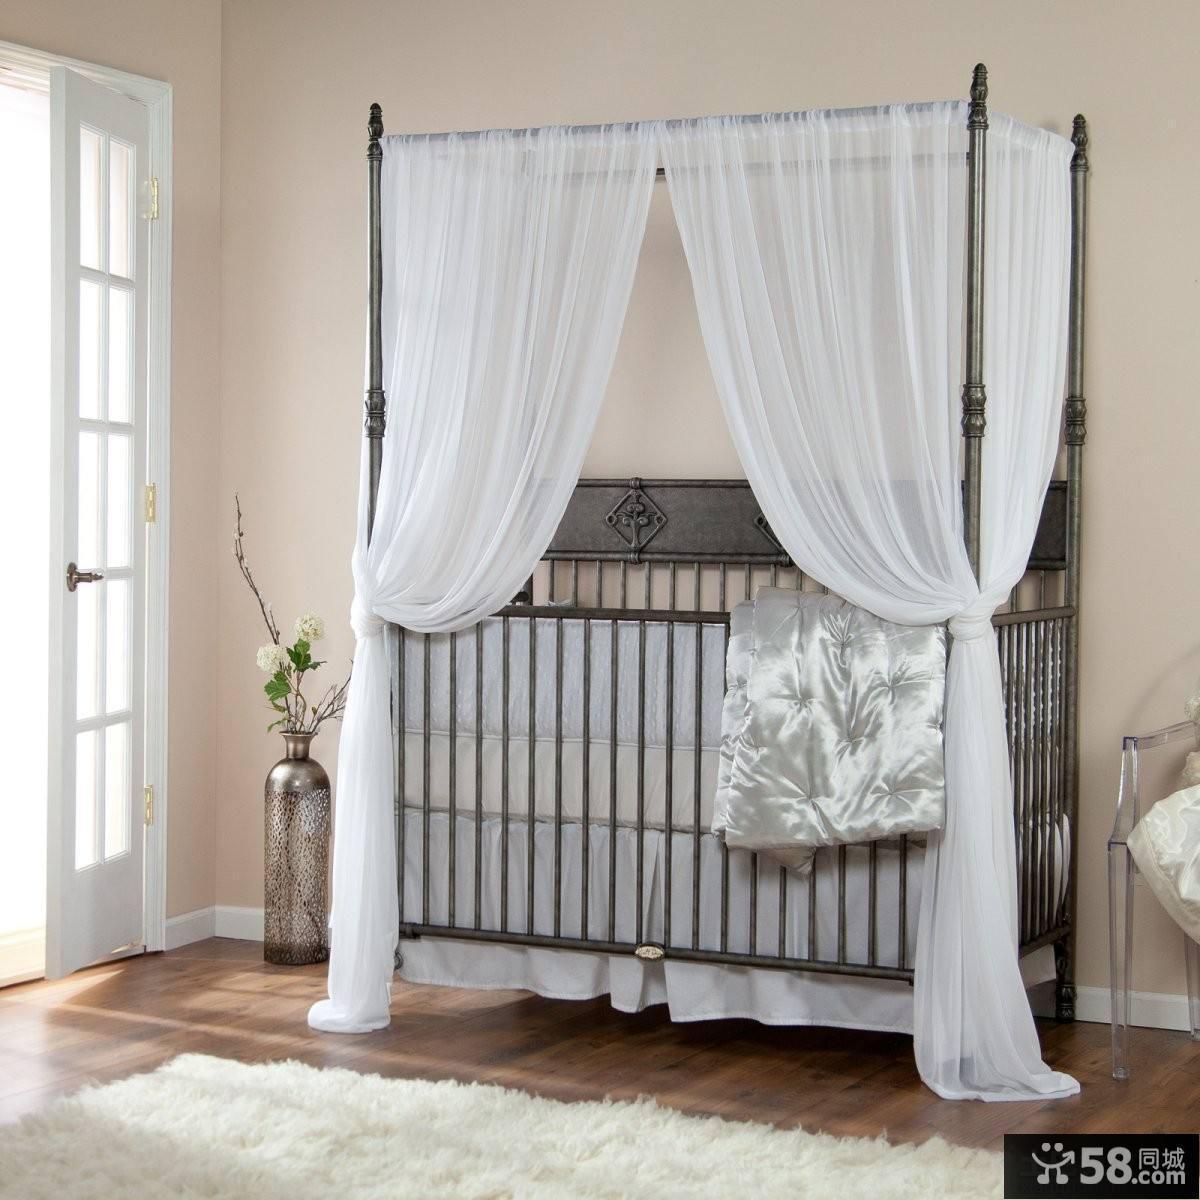 婴儿床效果图